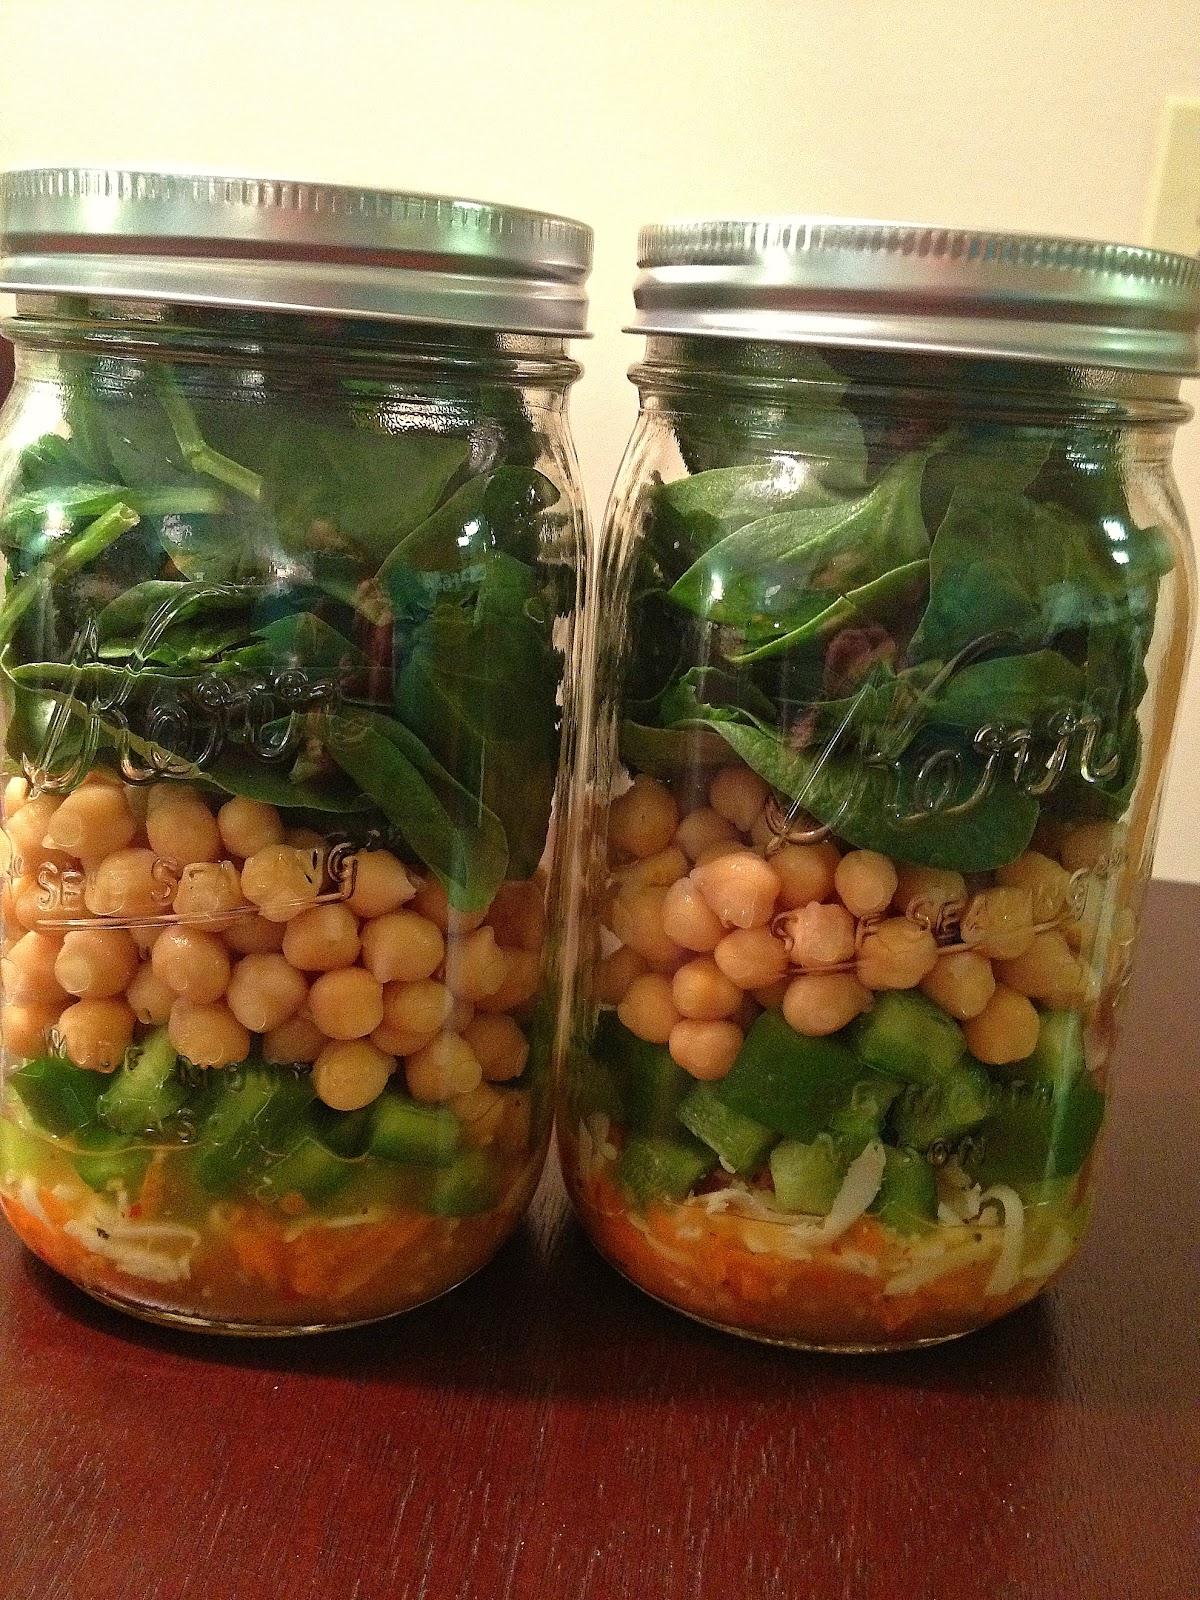 For these mason jar salads I used: Italian dressing, mozerella cheese ...